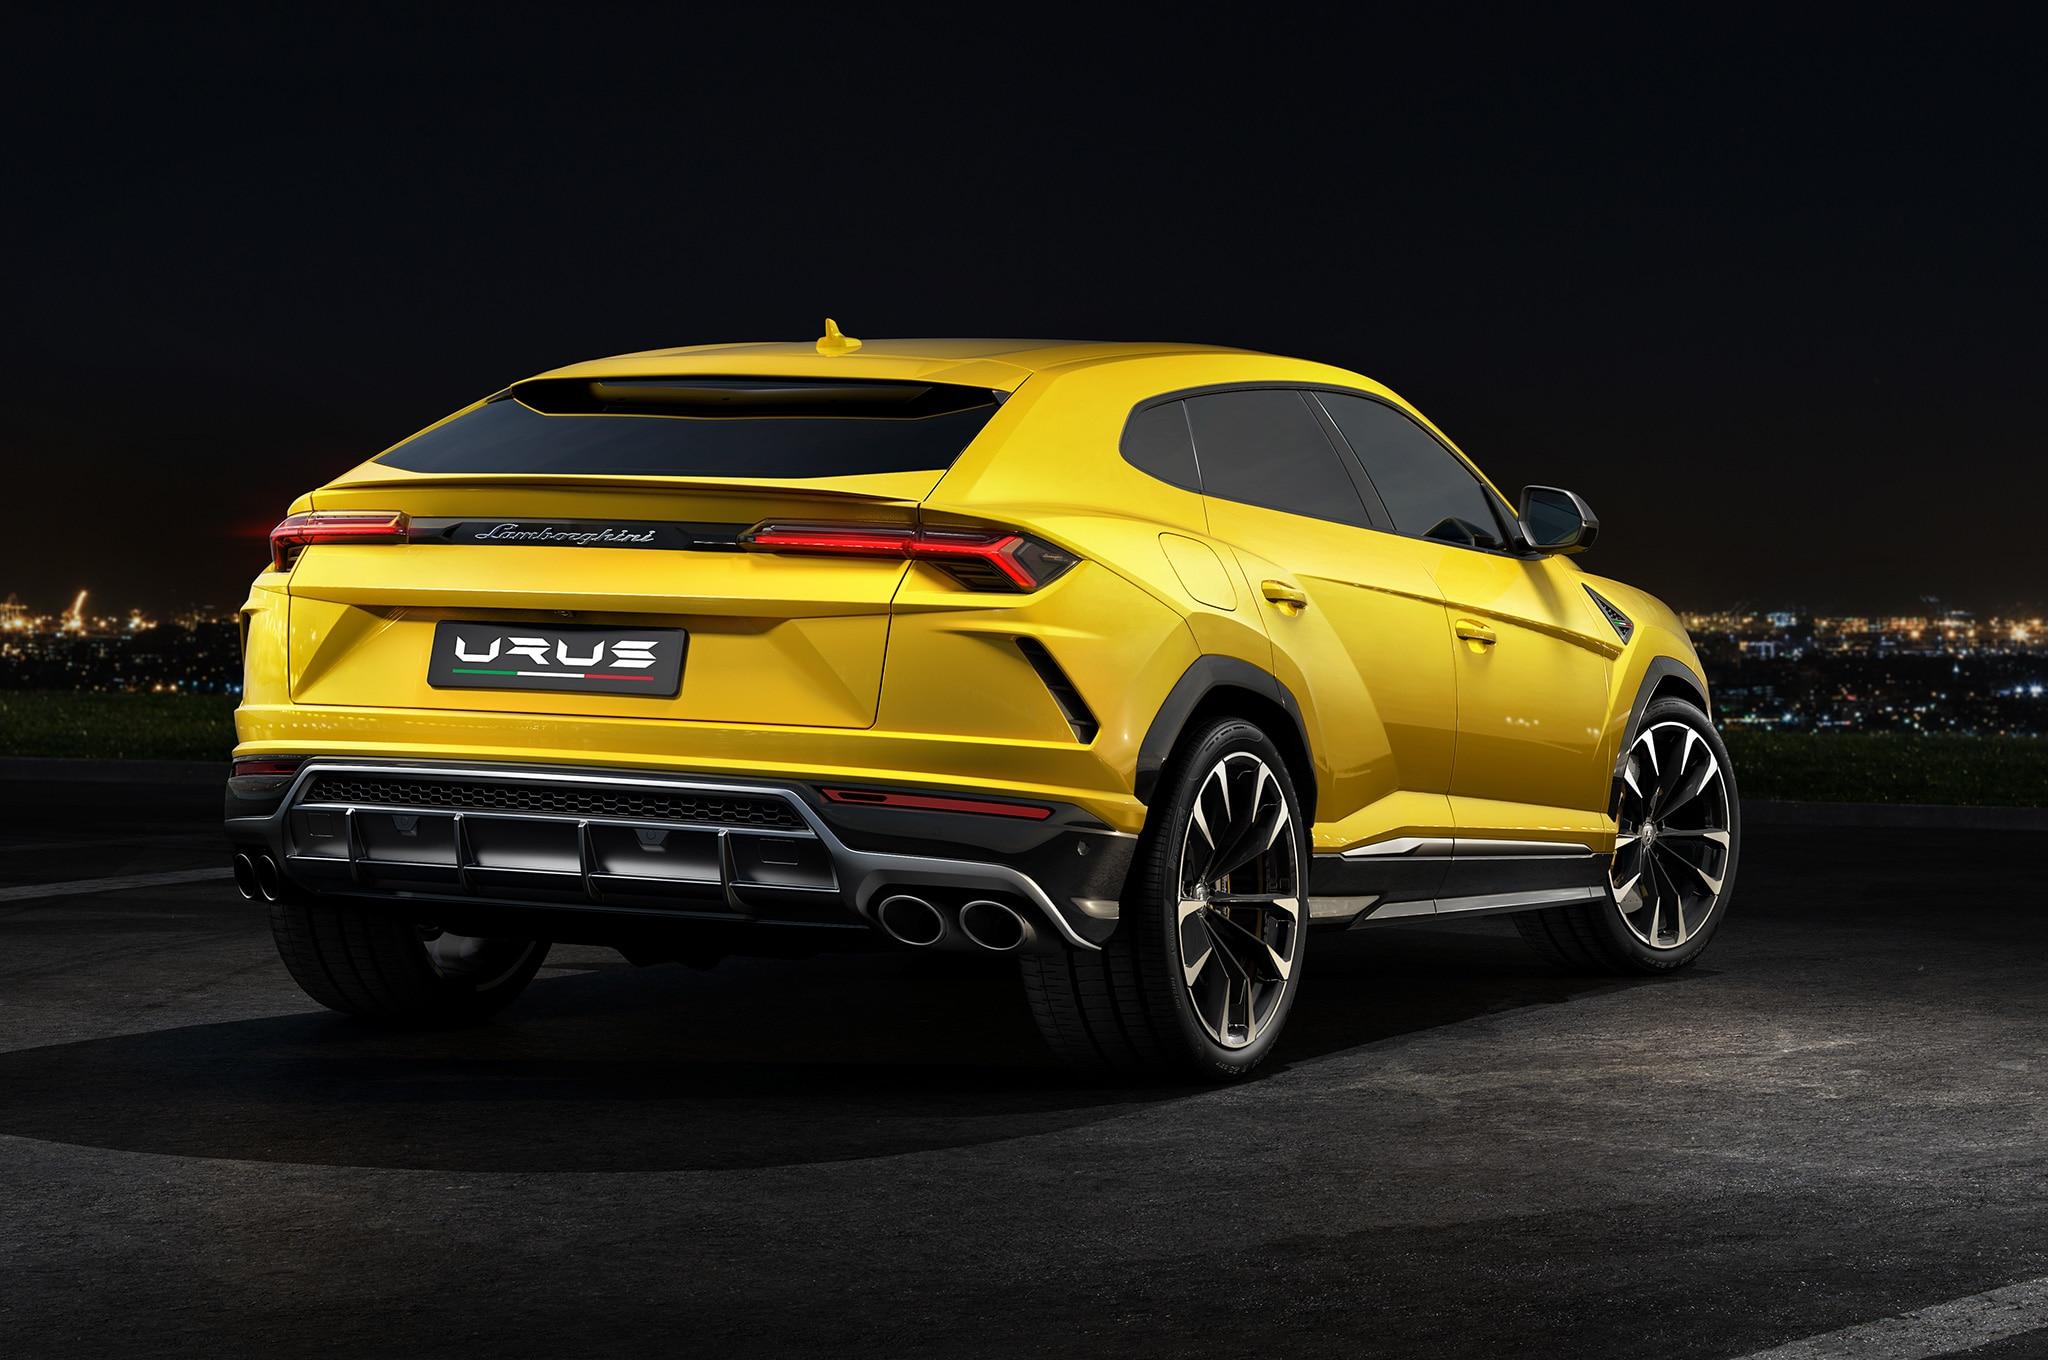 2019-Lamborghini-Urus-rear-side-view.jpg